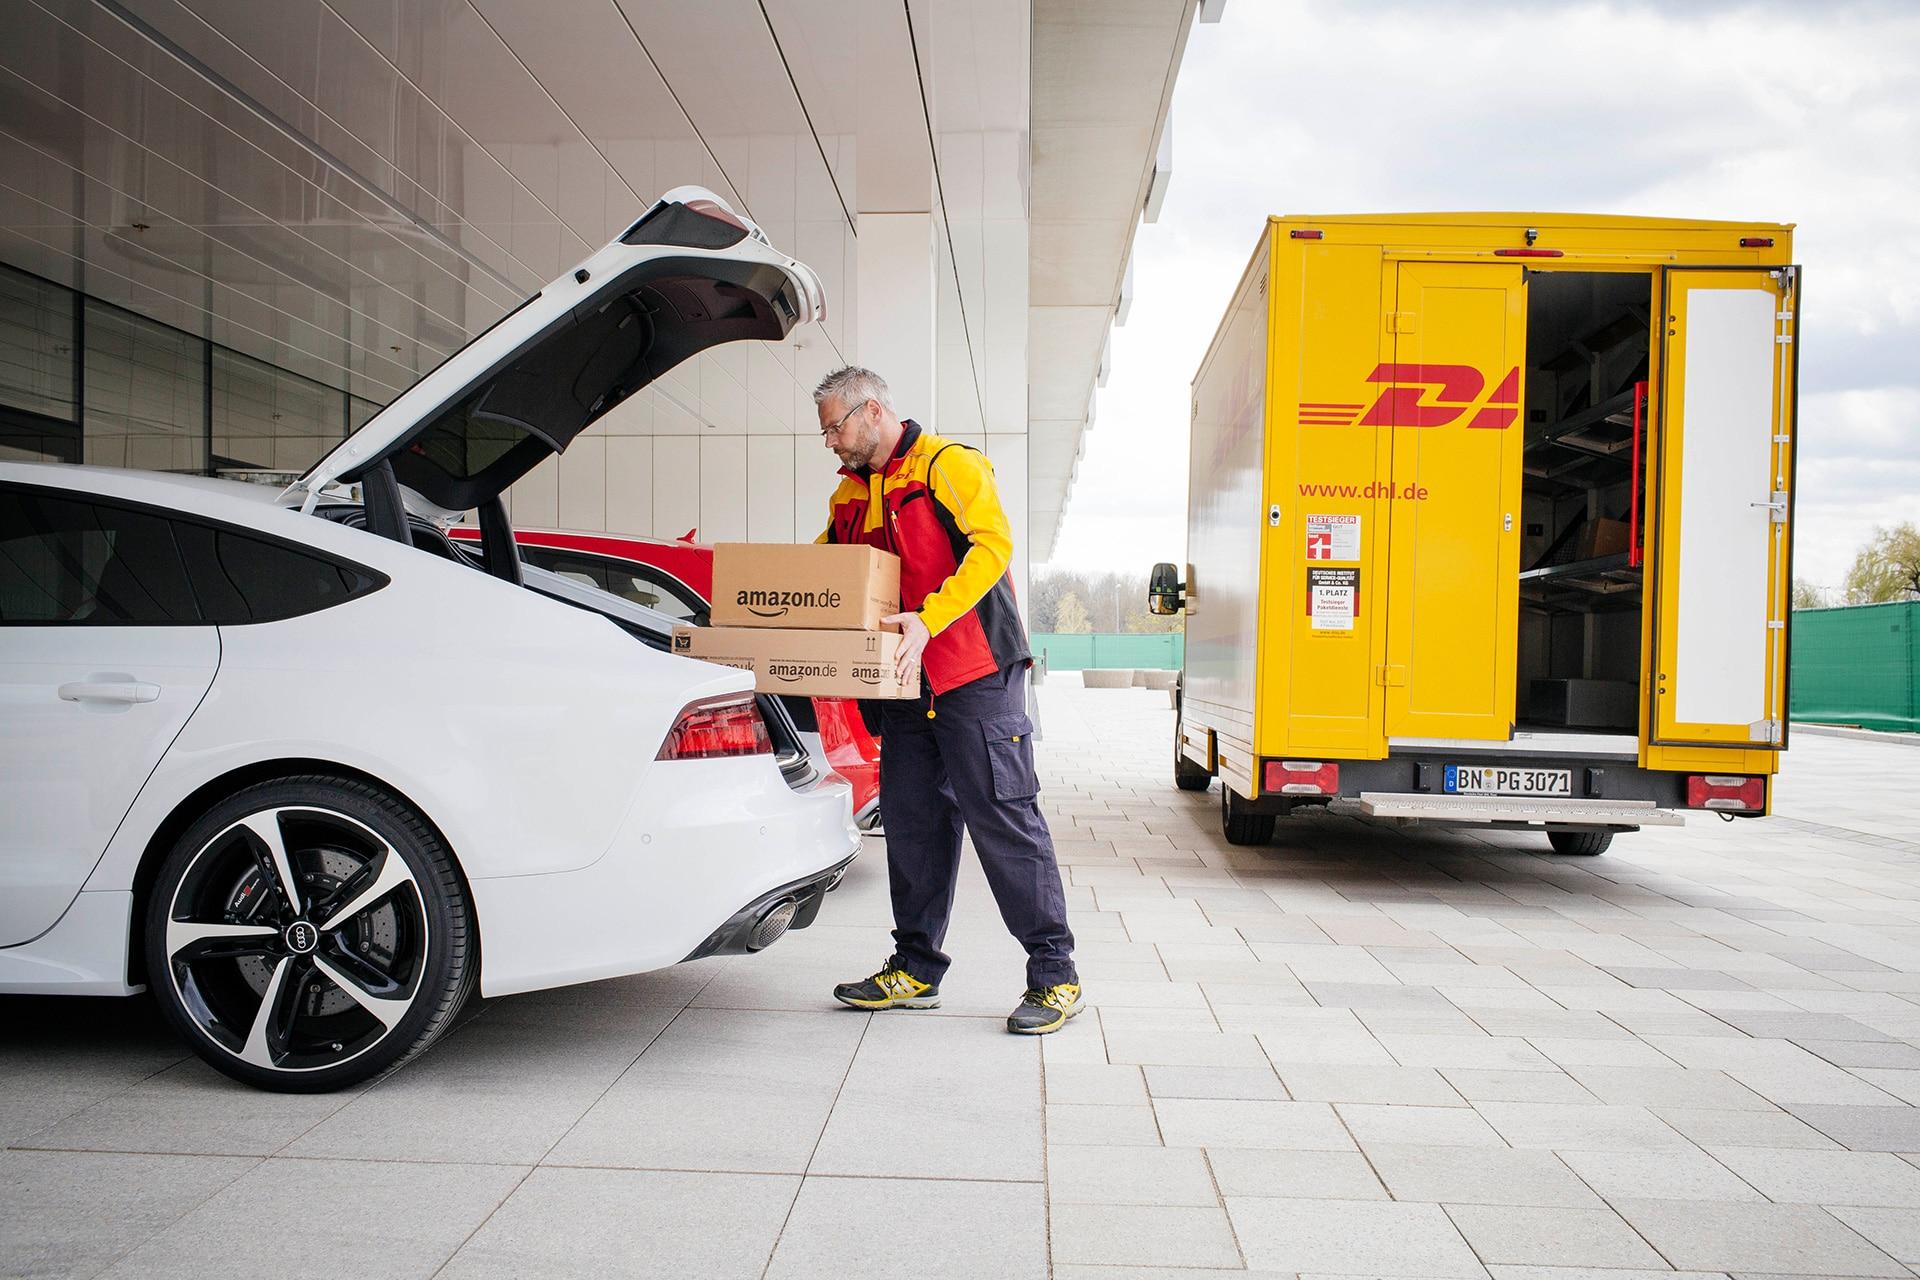 Bild von Amazon, DHL und Audi machen den Kofferraum zum Paketkasten